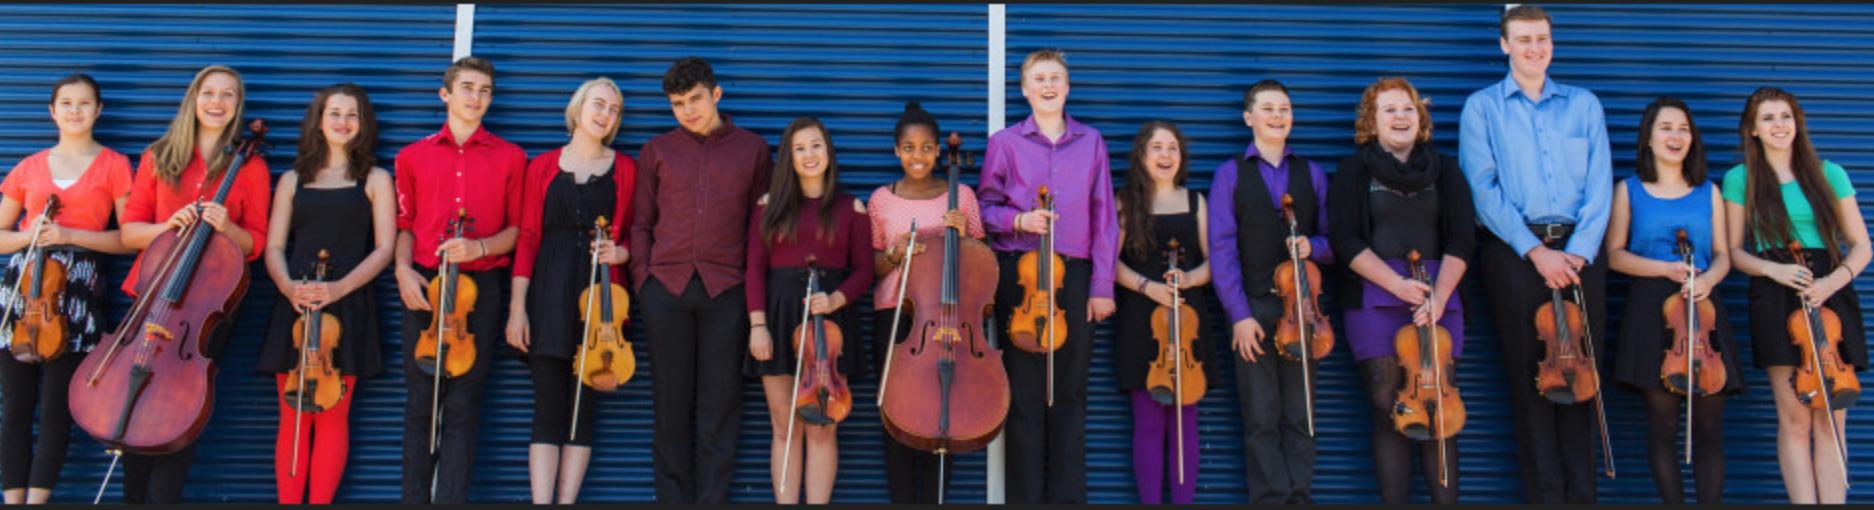 Concert: Gettin' Higher Choir at Alix Goolden Hall